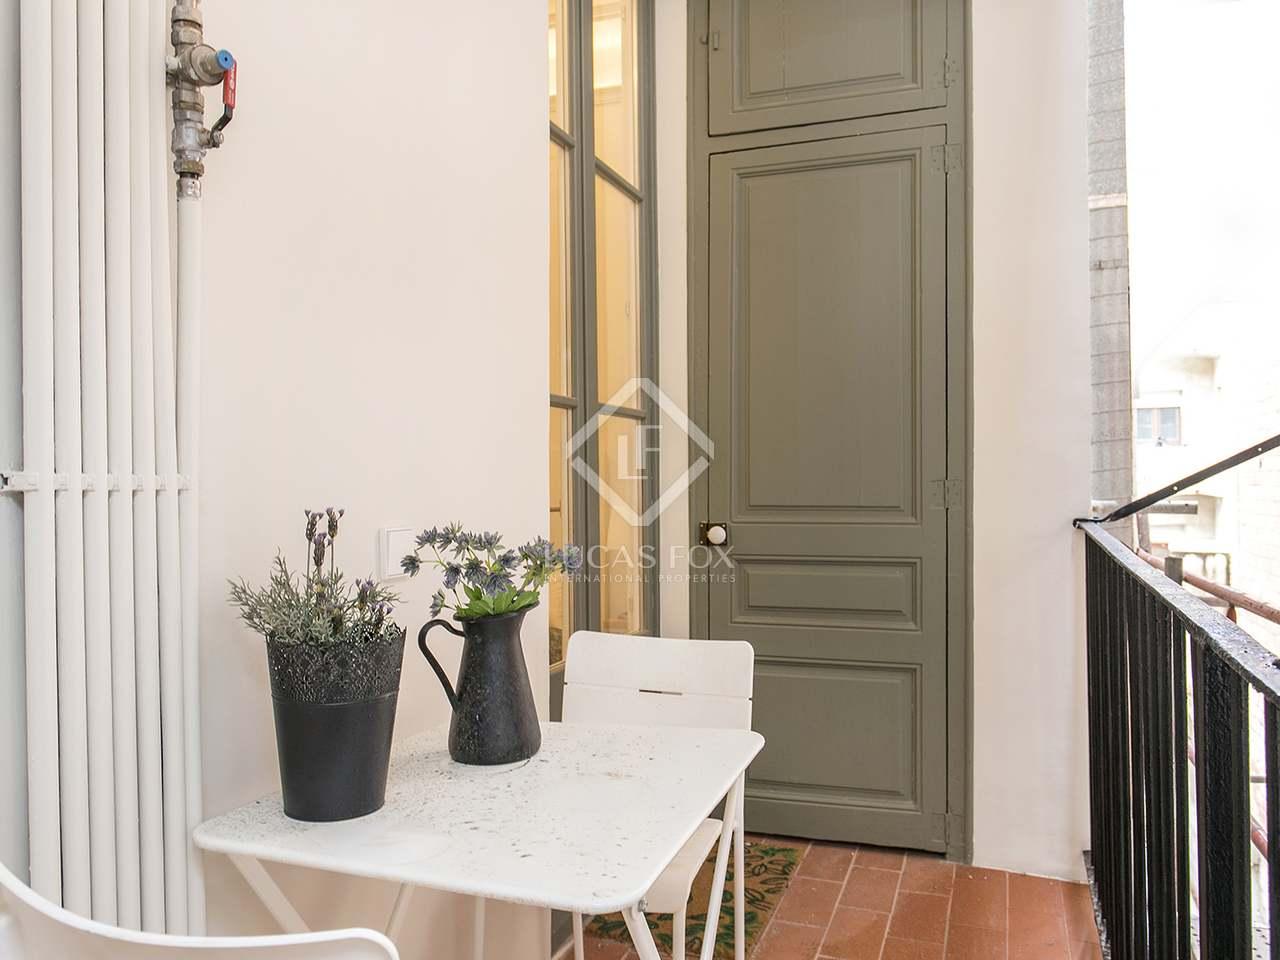 Appartement de 75m a louer gr cia barcelone for Location appartement design barcelone